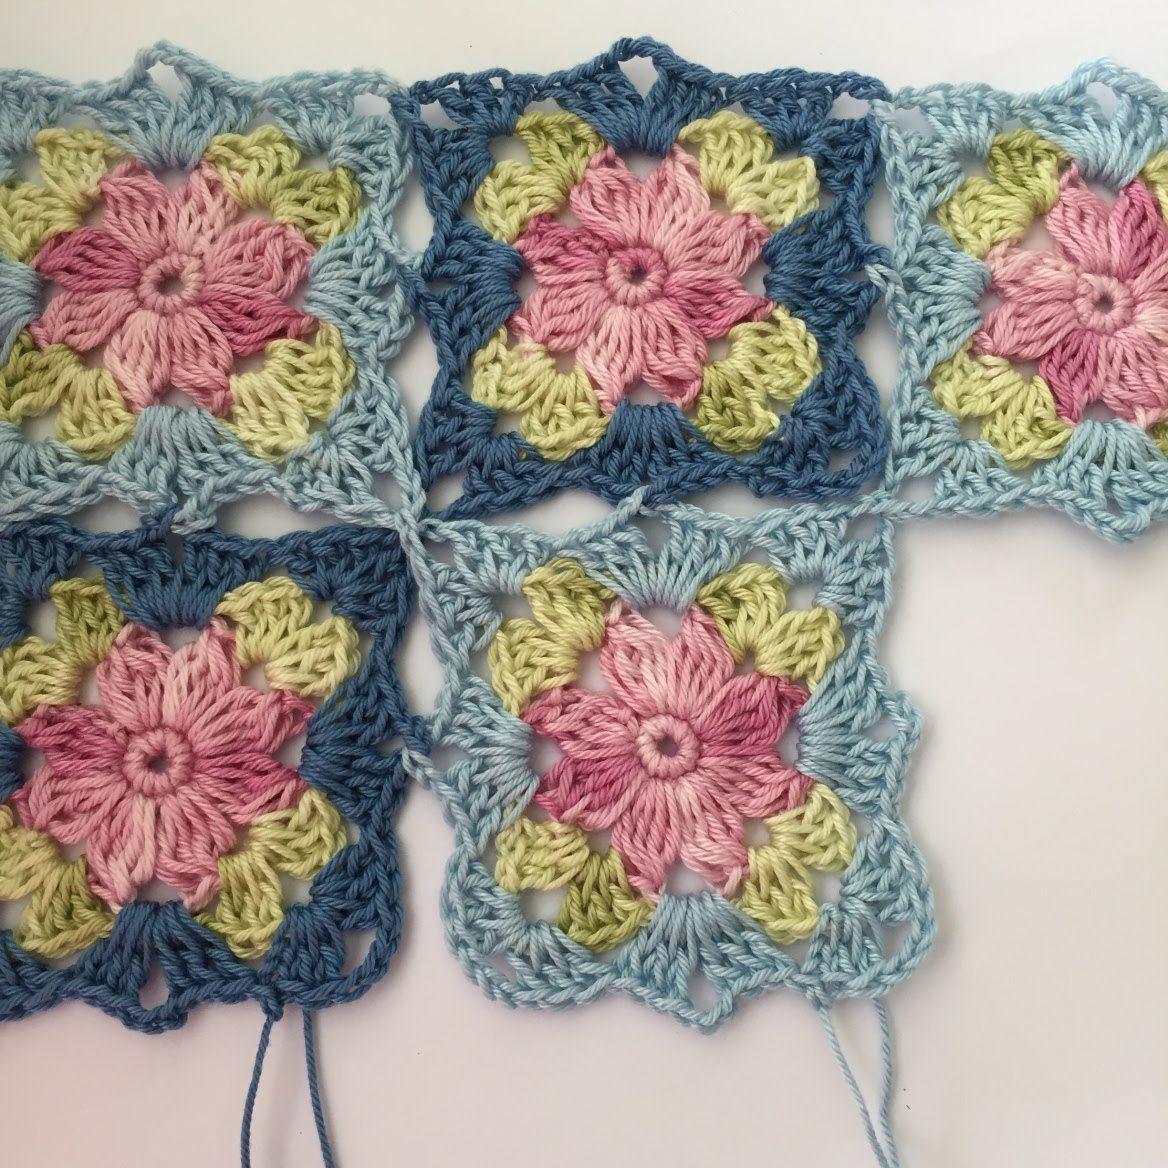 IMG_1550 | Knitting | Pinterest